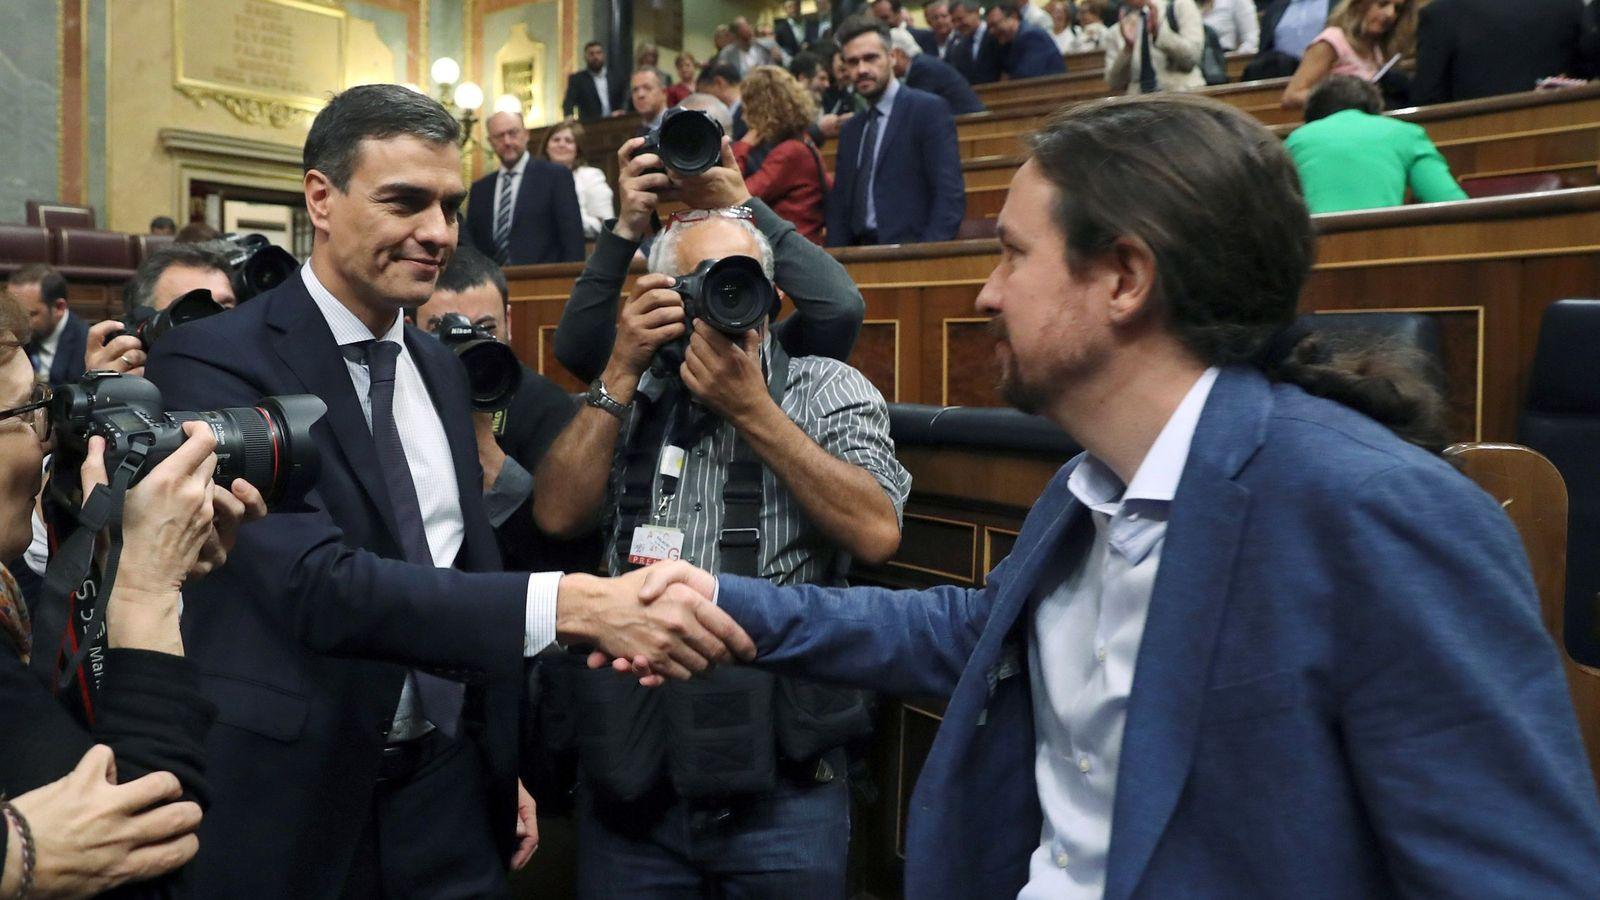 Foto: El secretario general del PSOE Pedro Sánchez, saluda al líder de Podemos Pablo Iglesias, en el hemiciclo del Congreso tras el debate de la moción de censura. (EFE)